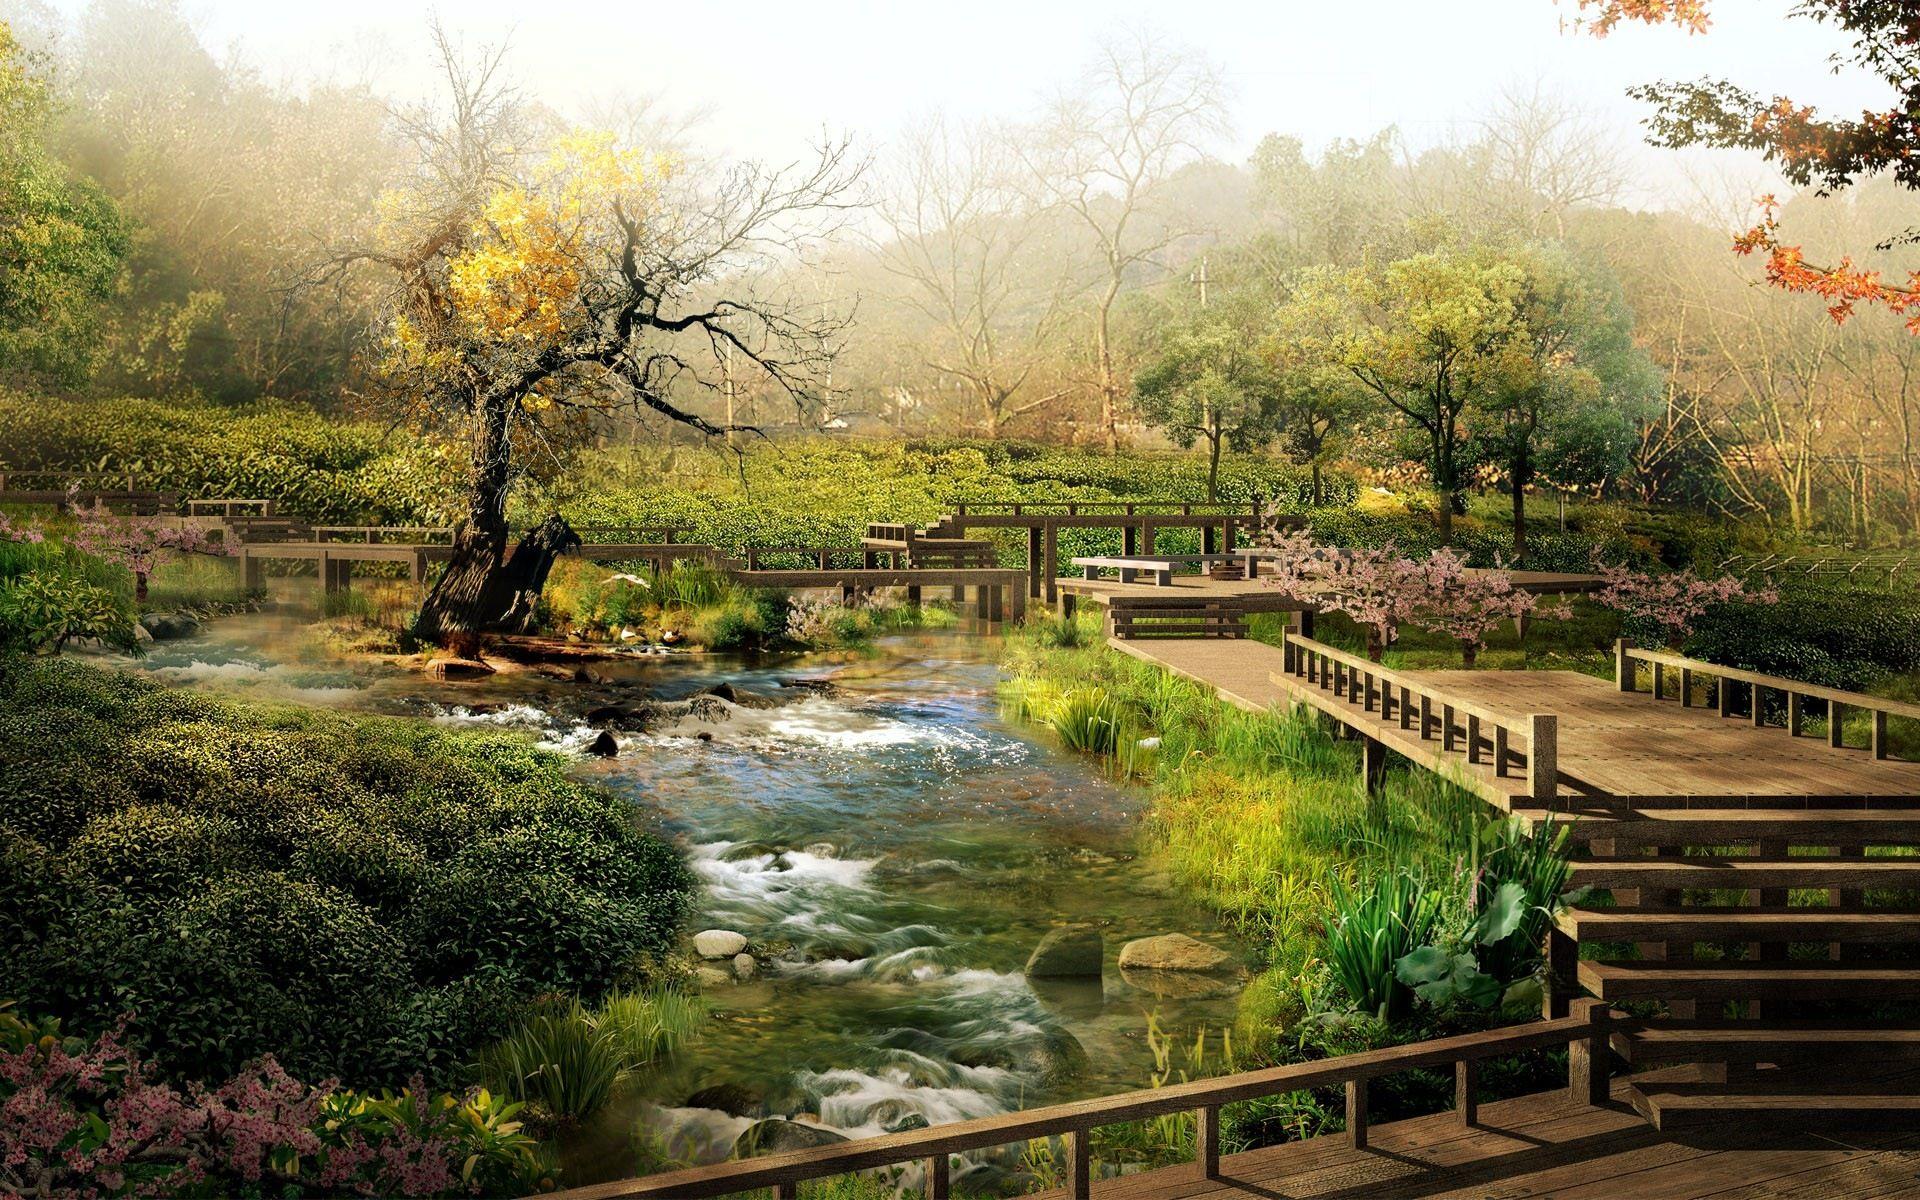 Home Nature Landscapes Desktop Wallpaper Nature Full Size Japanese Landscape Japan Landscape Chinese Landscape